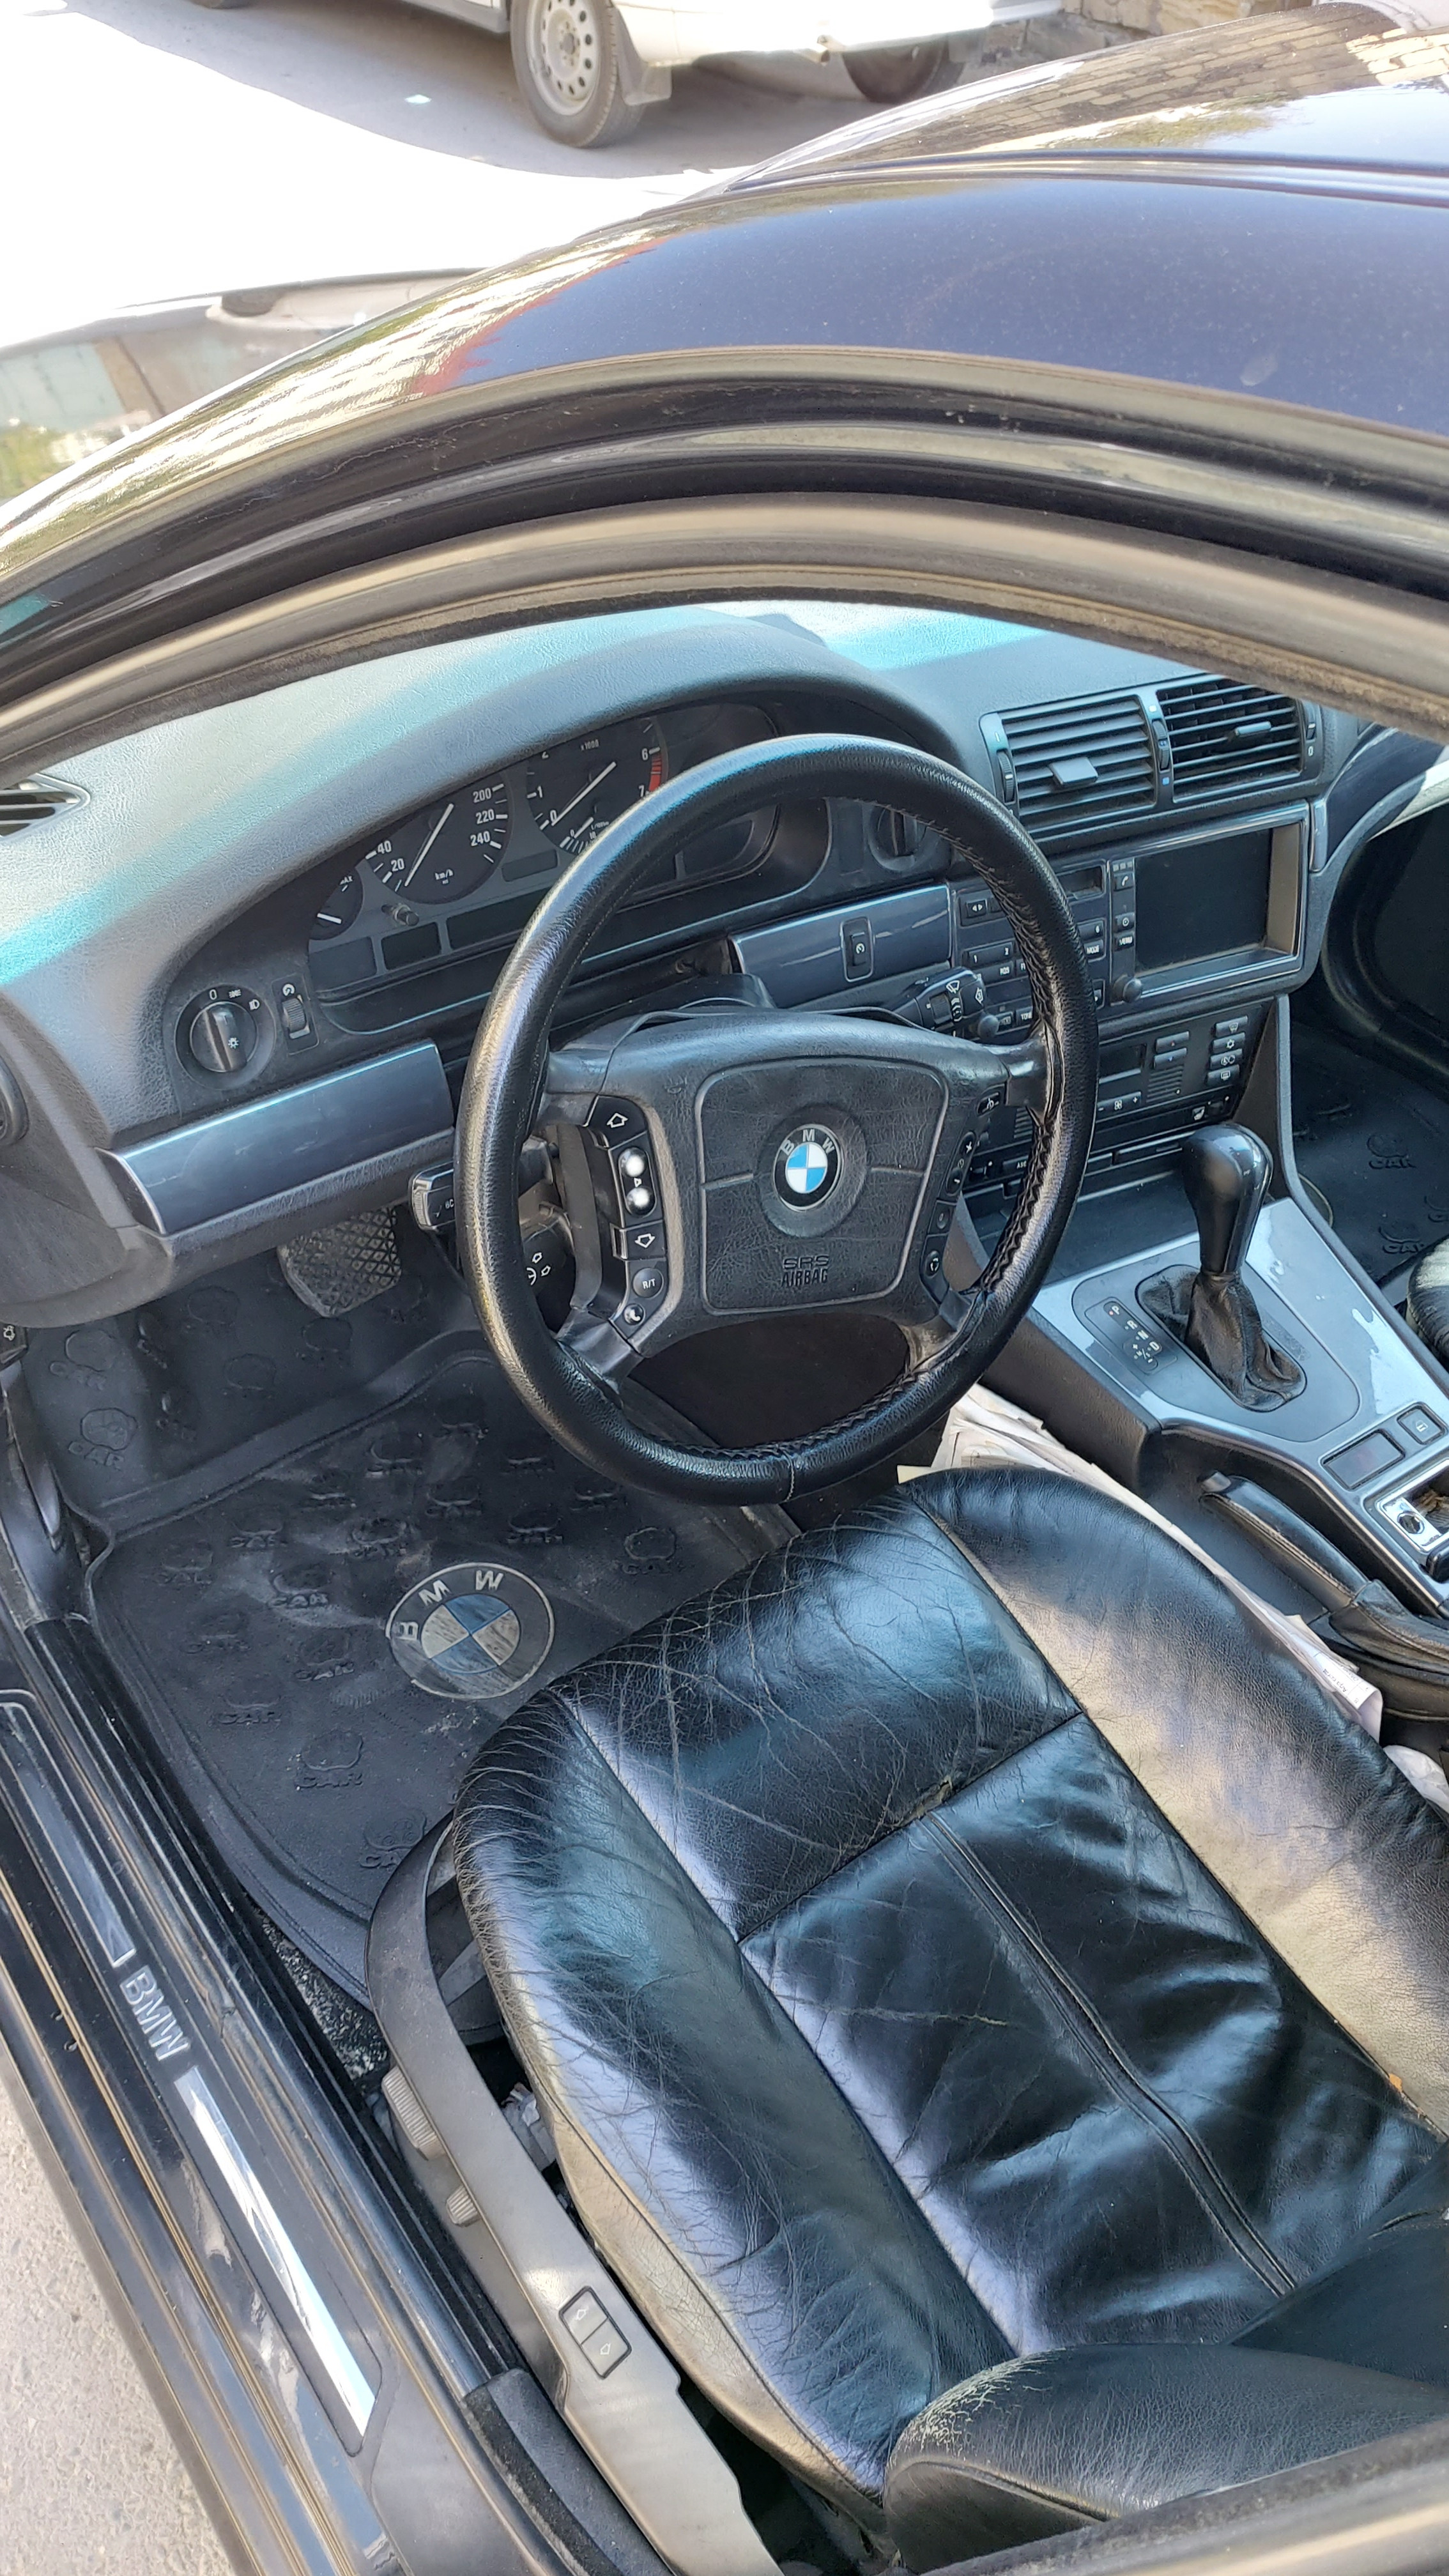 BMW 528 2.8(lt) 1997 Подержанный  $8800